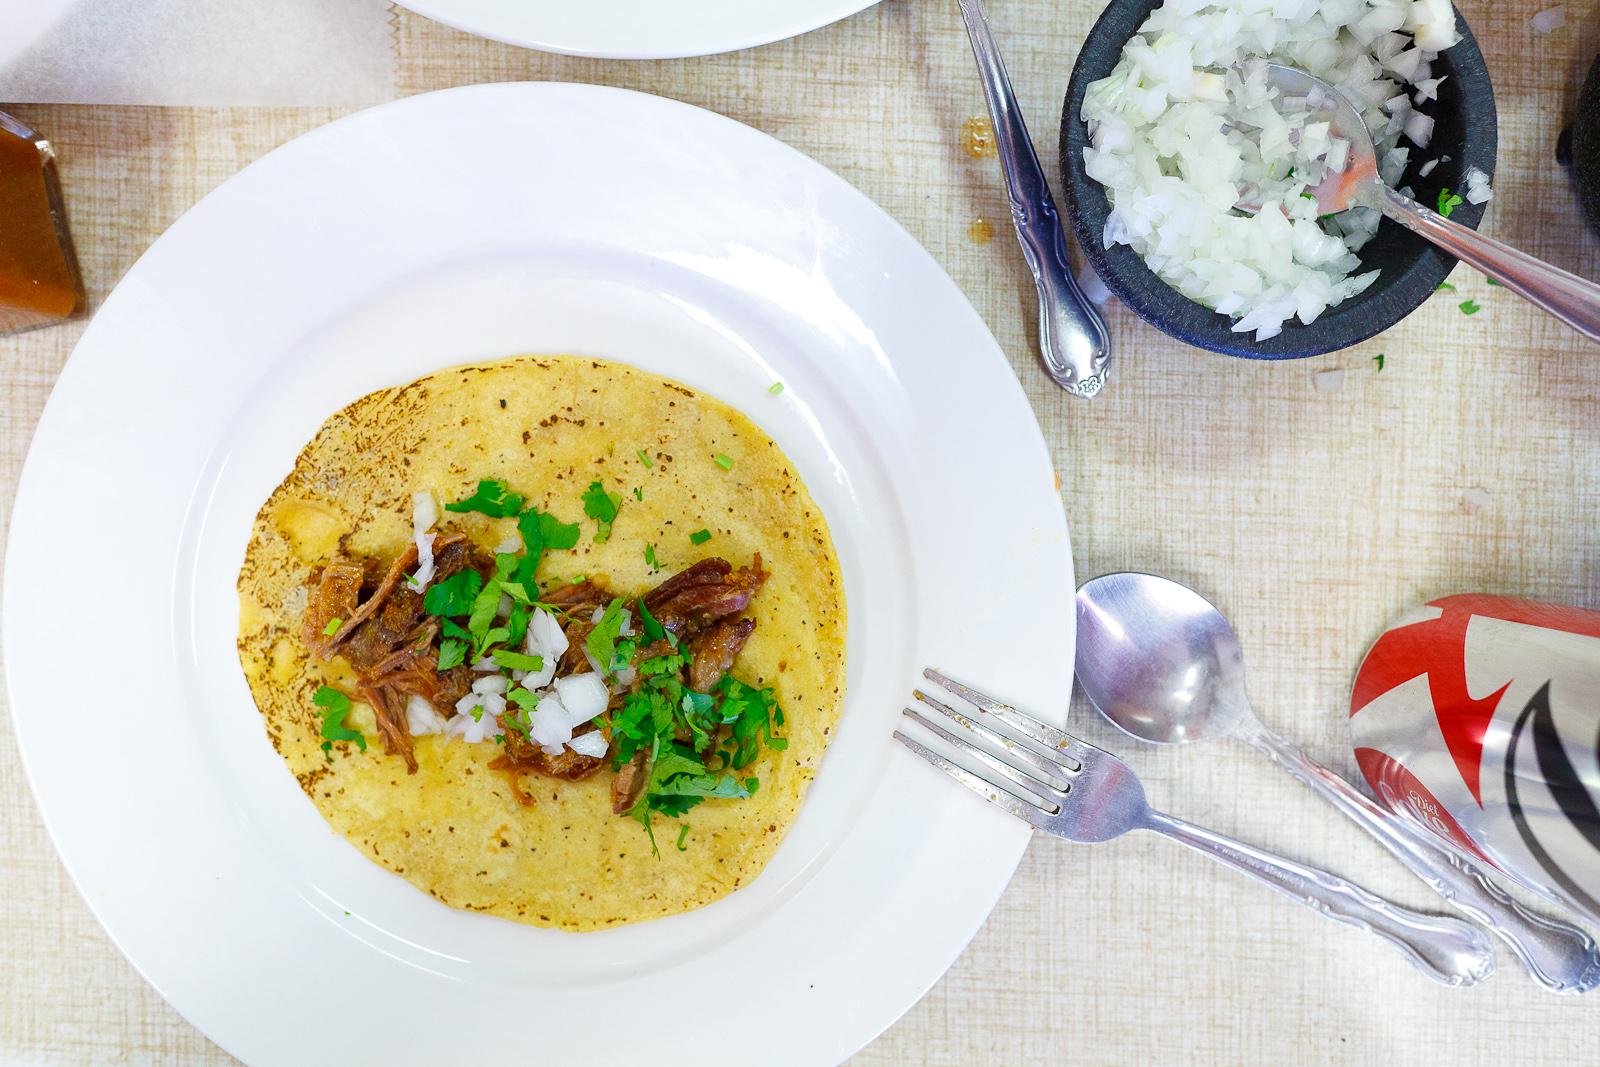 Homemade corn tortilla, birria, cilantro, onion